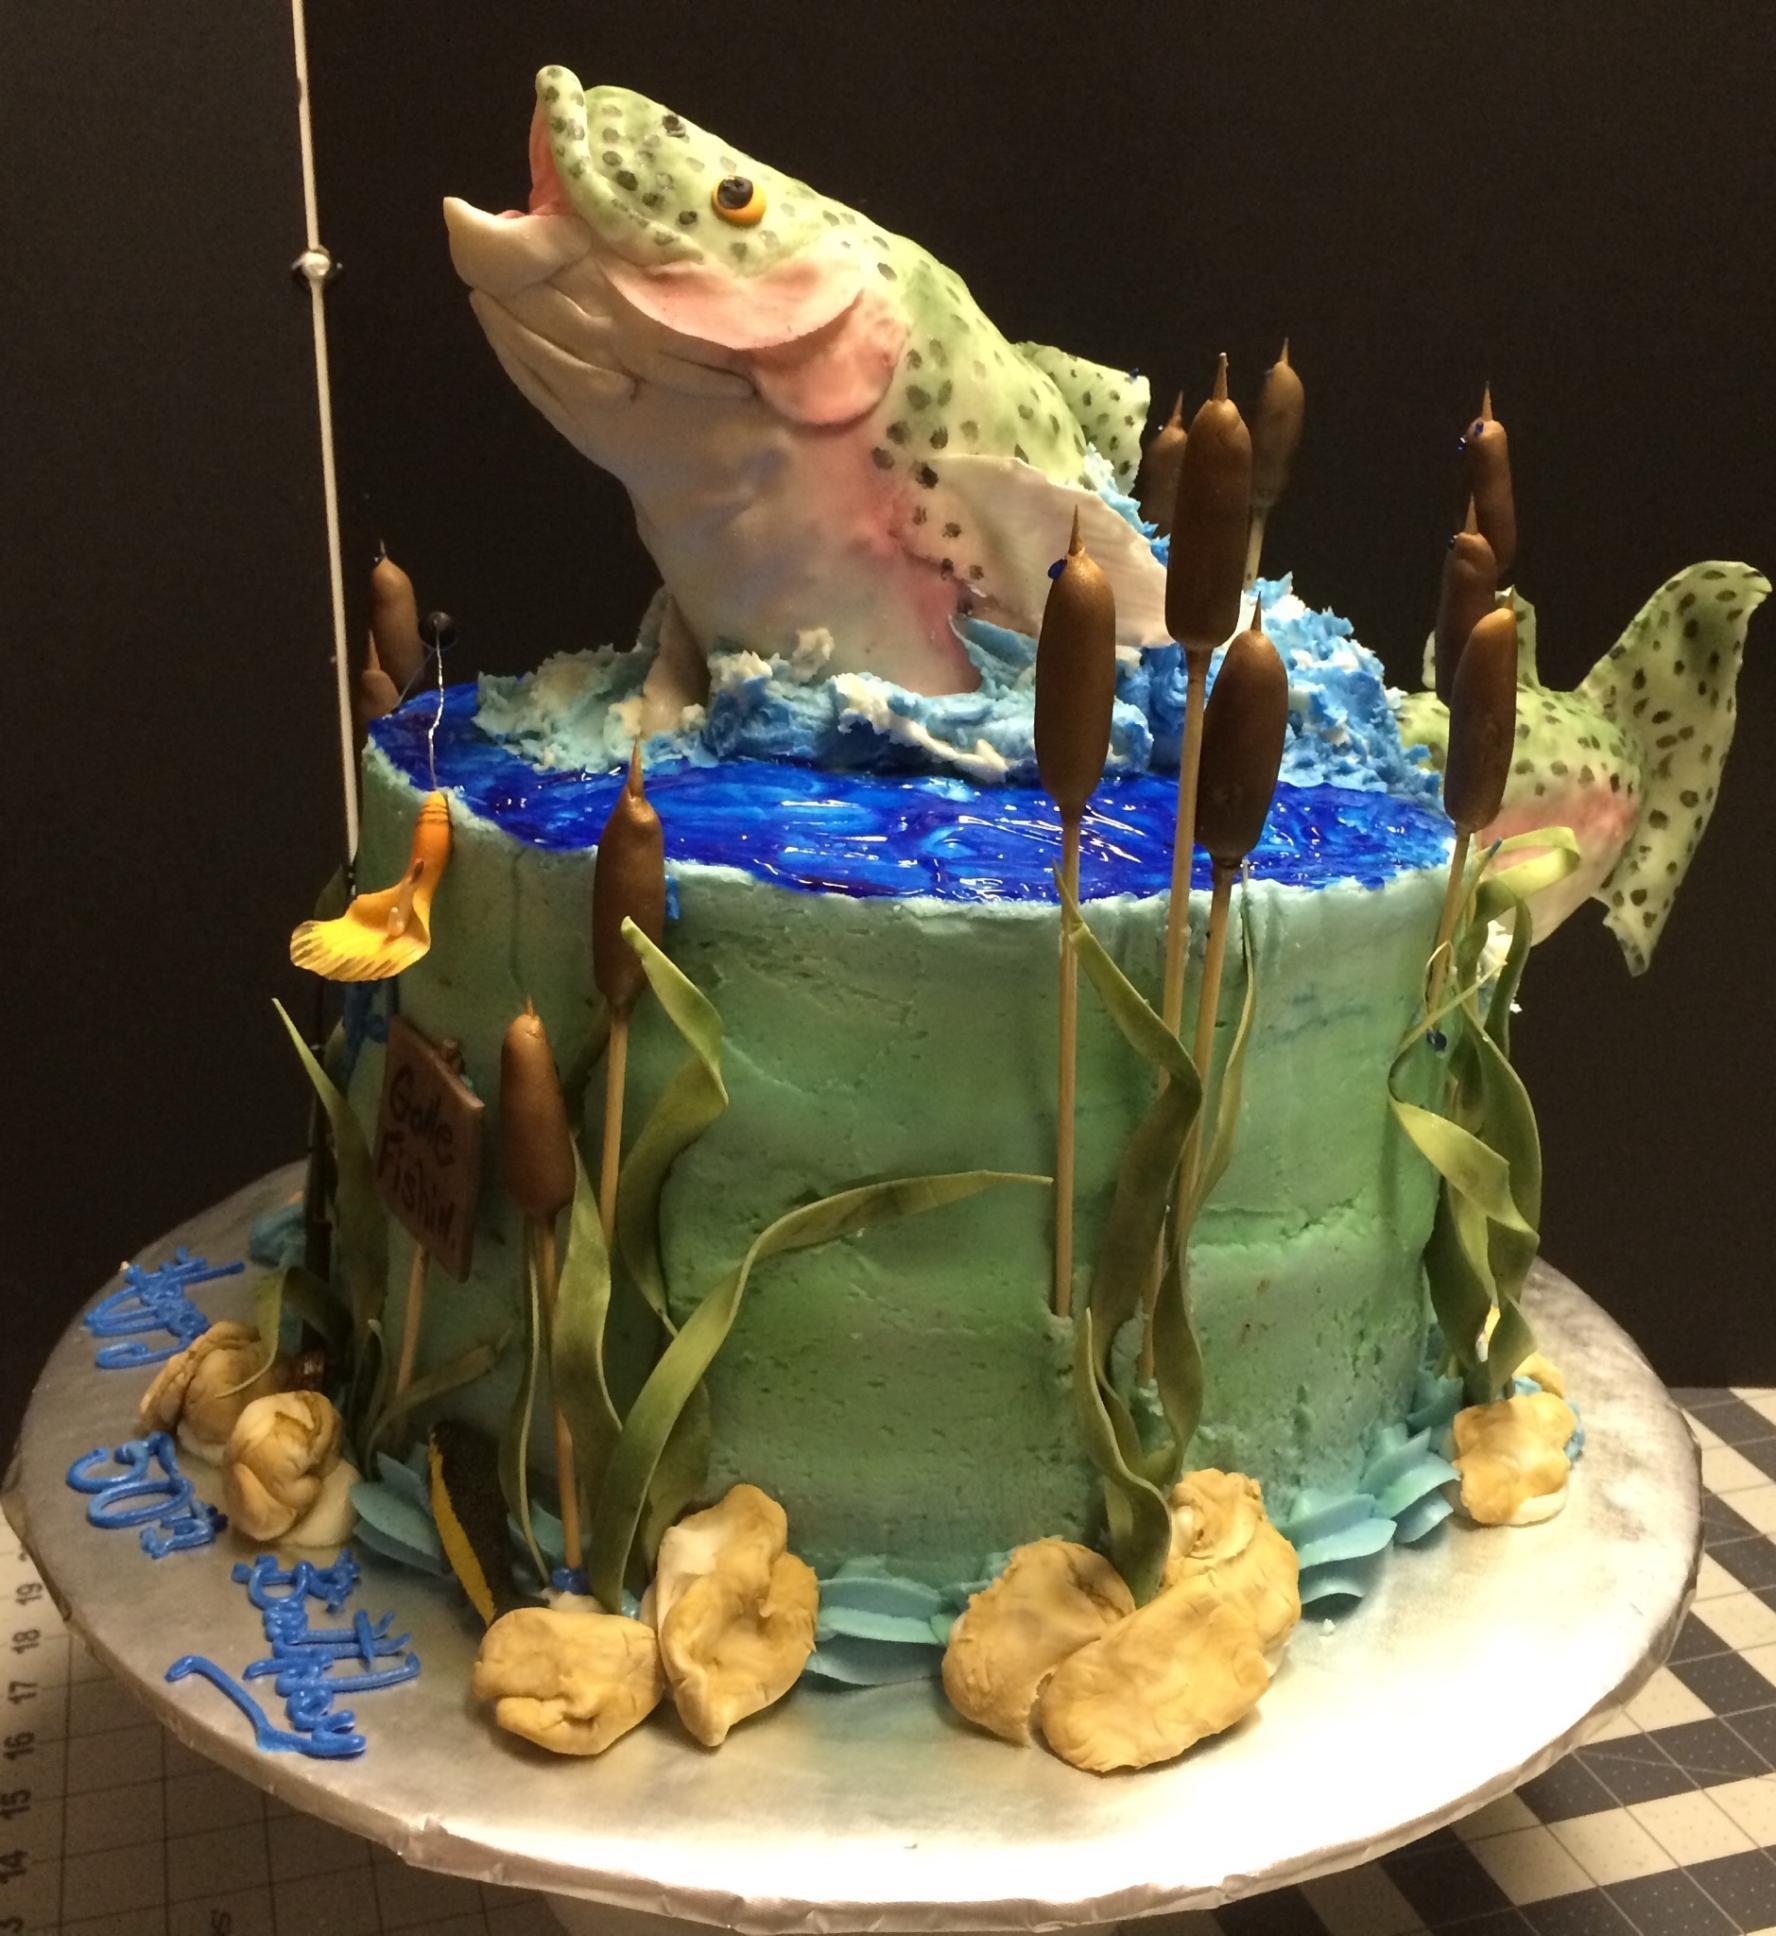 Не оттягивайте воплощение мечты - преподнесите ему на день рождения торт рыбаку.